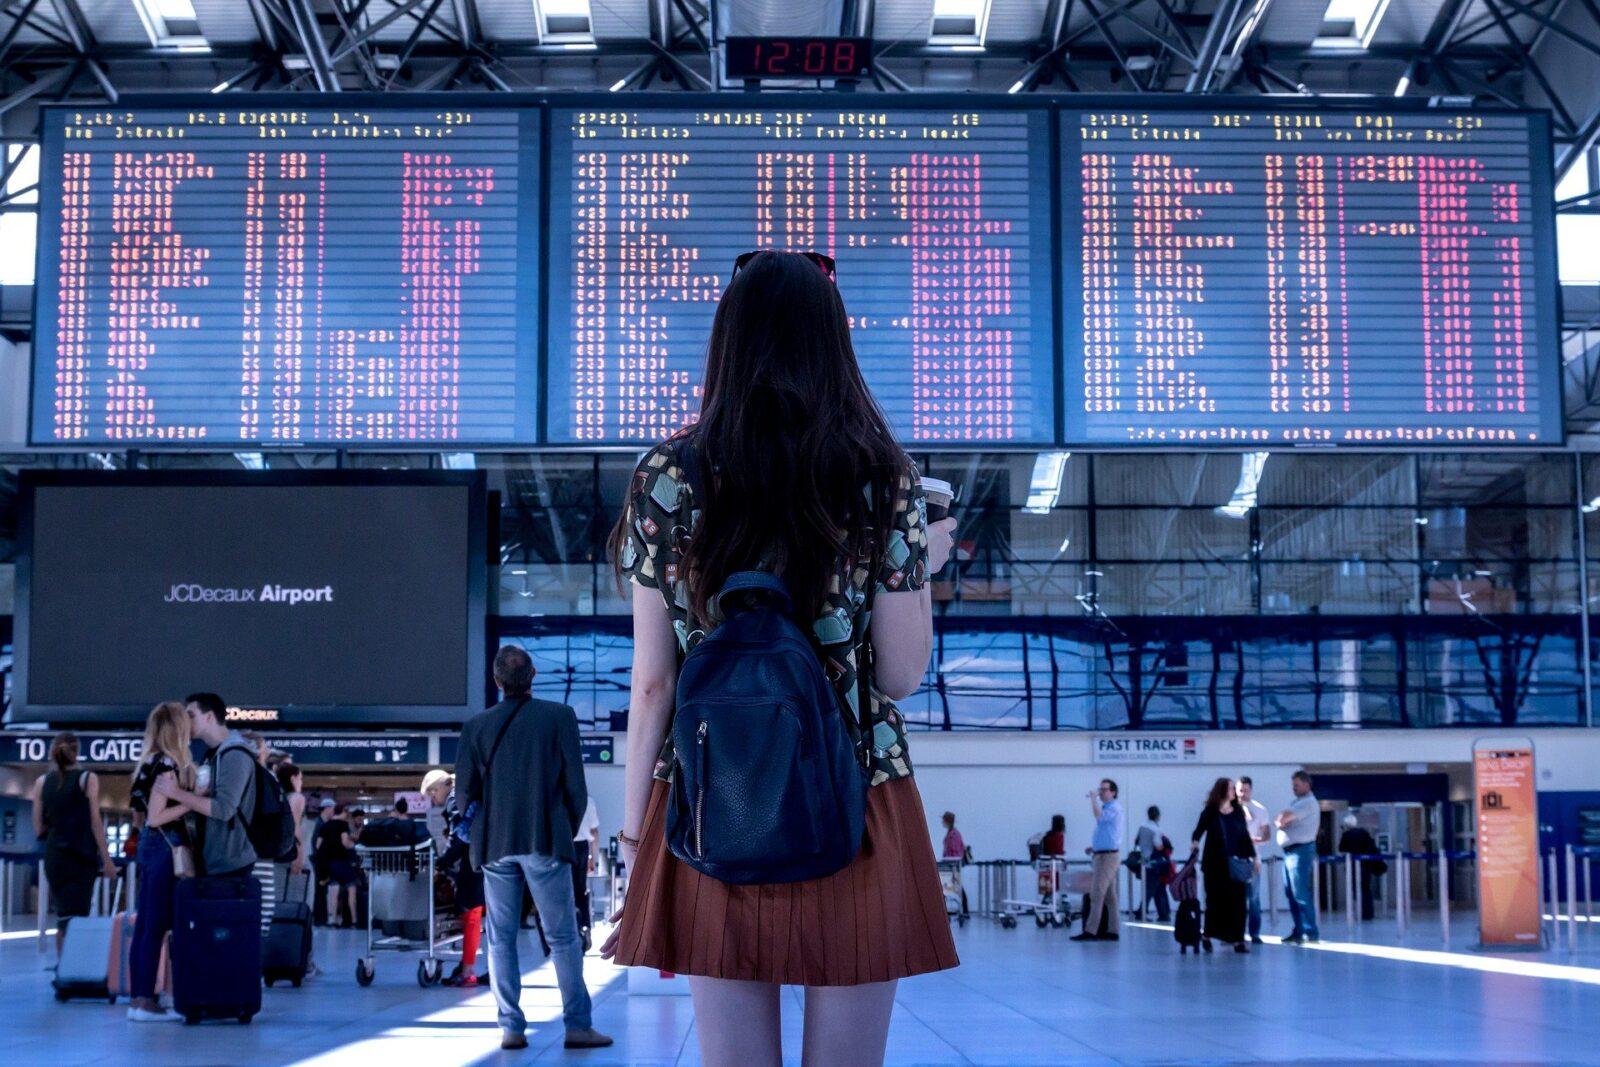 You are currently viewing Wie ich in Zukunft reisen möchte (mit Bildergalerie)